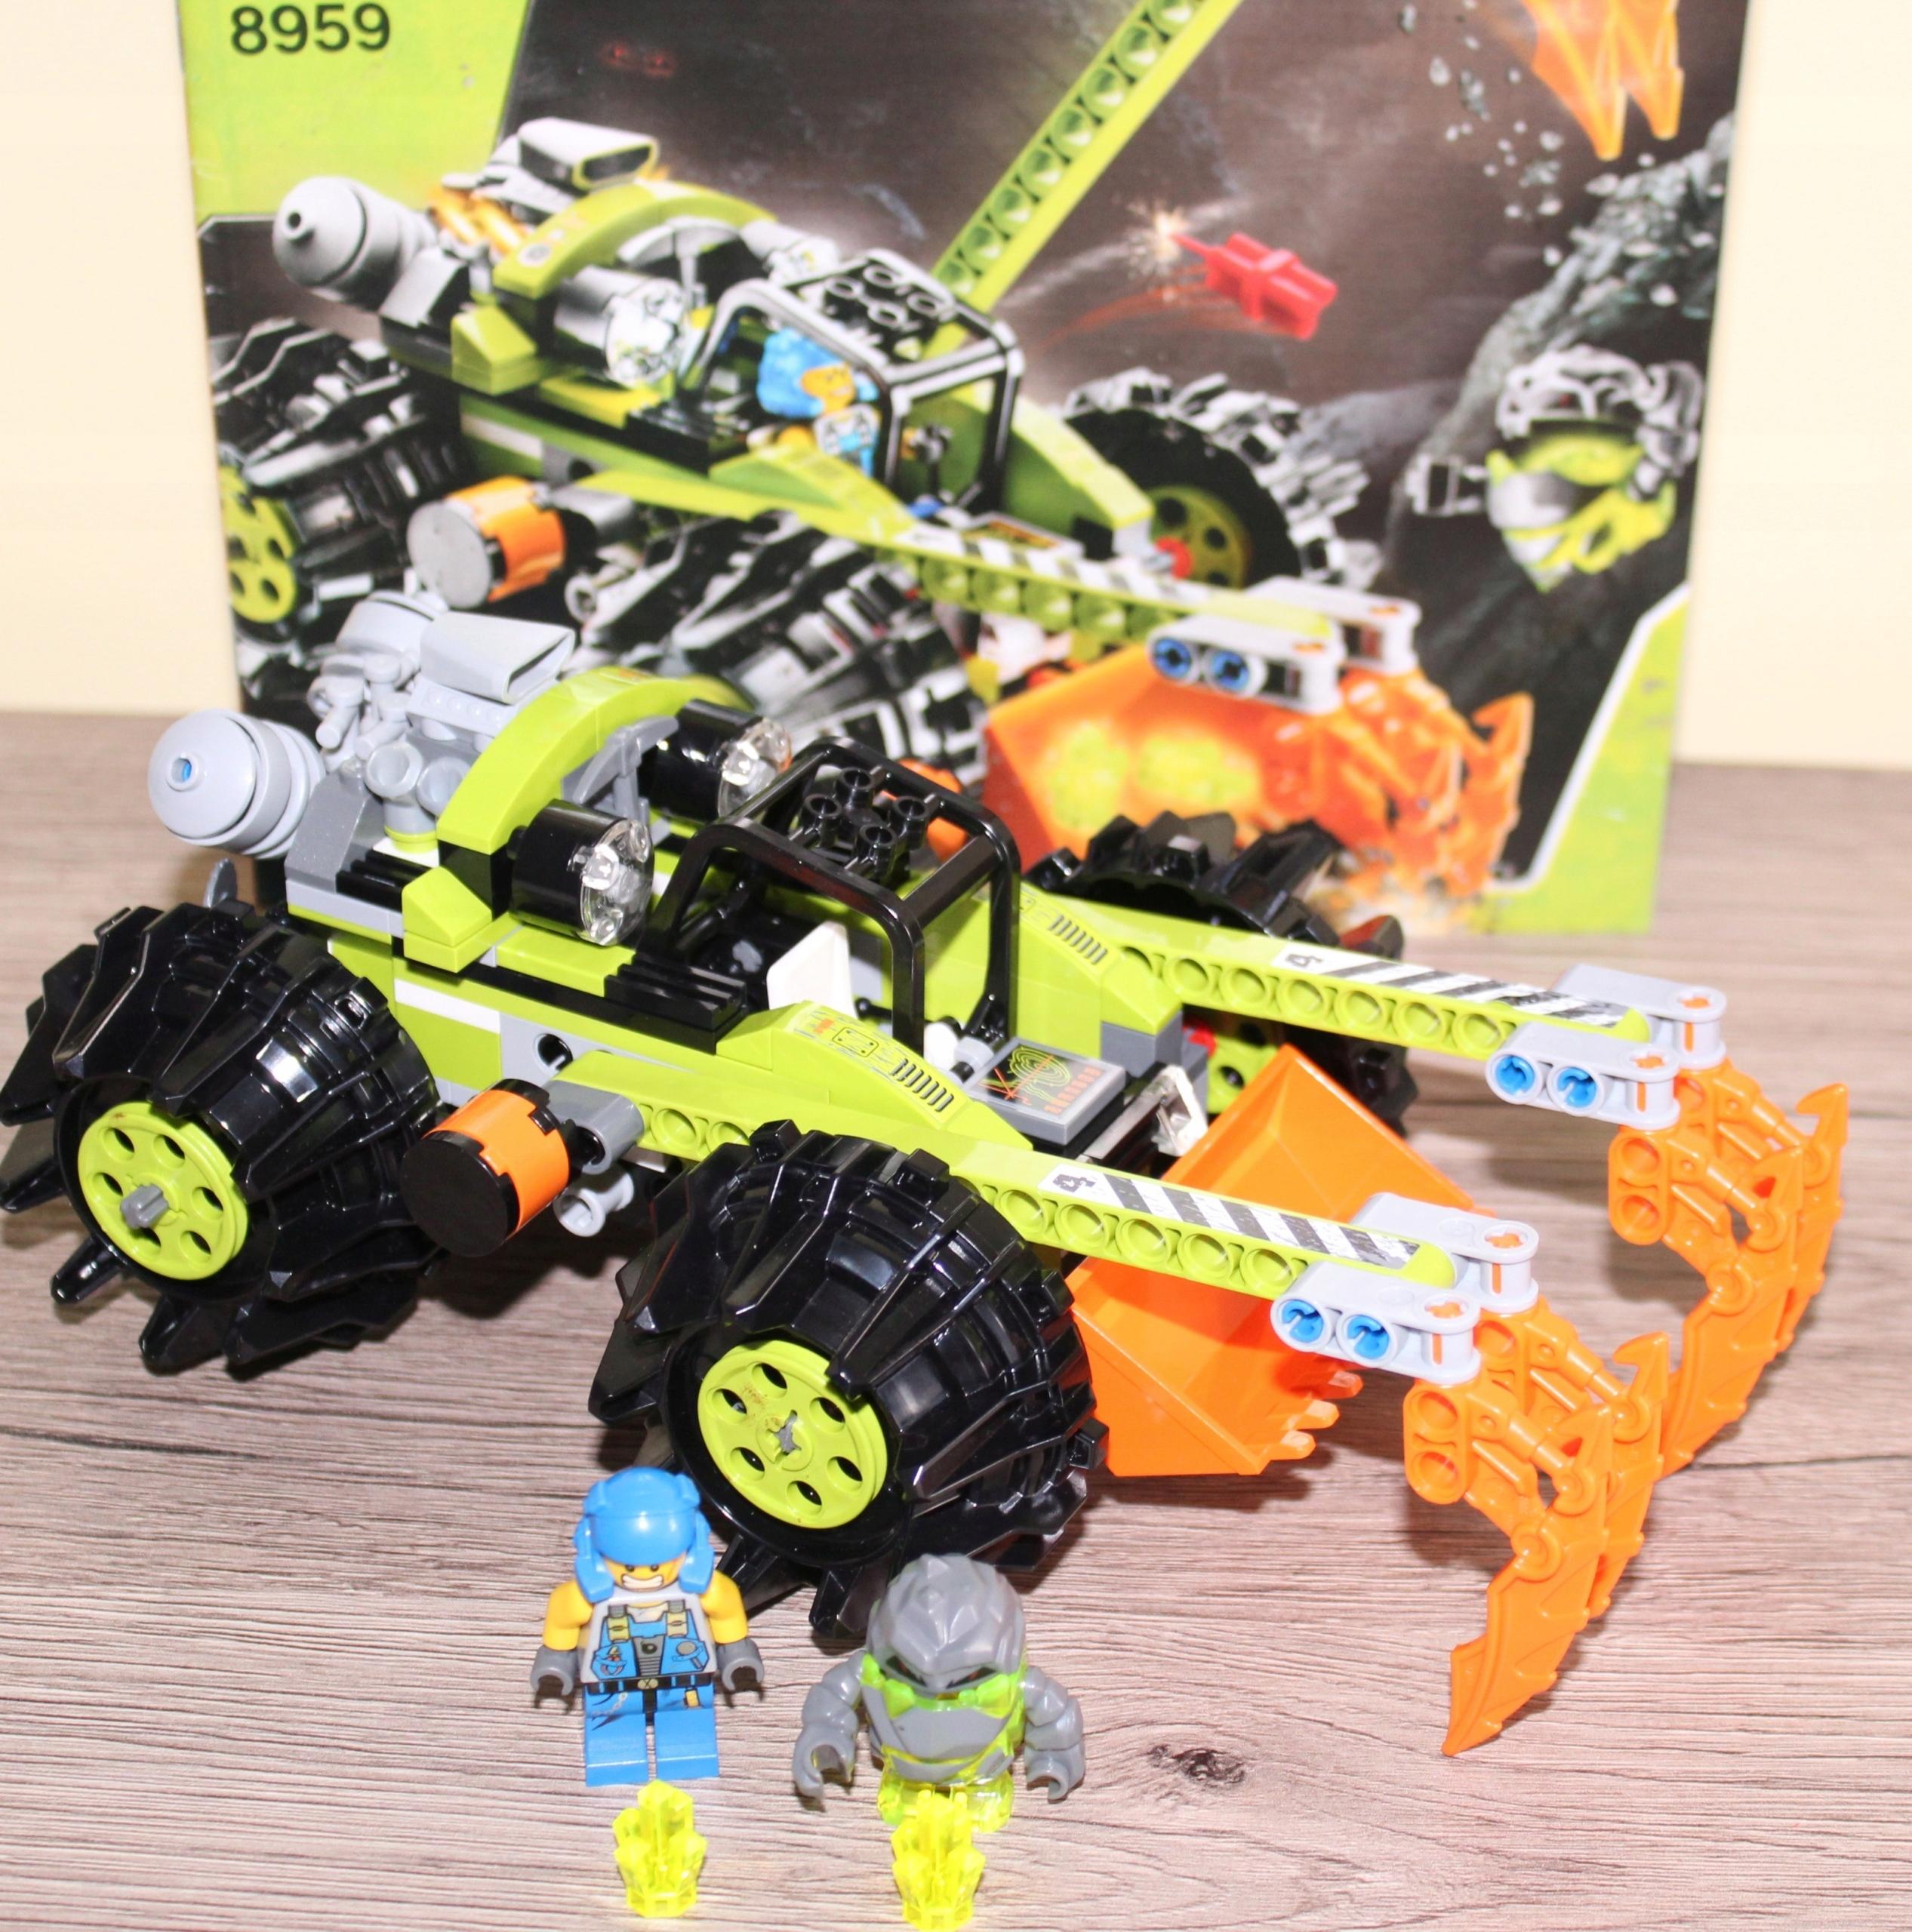 Lego 8959 1 Koparka Power Miners Instrukcja 7484318481 Oficjalne